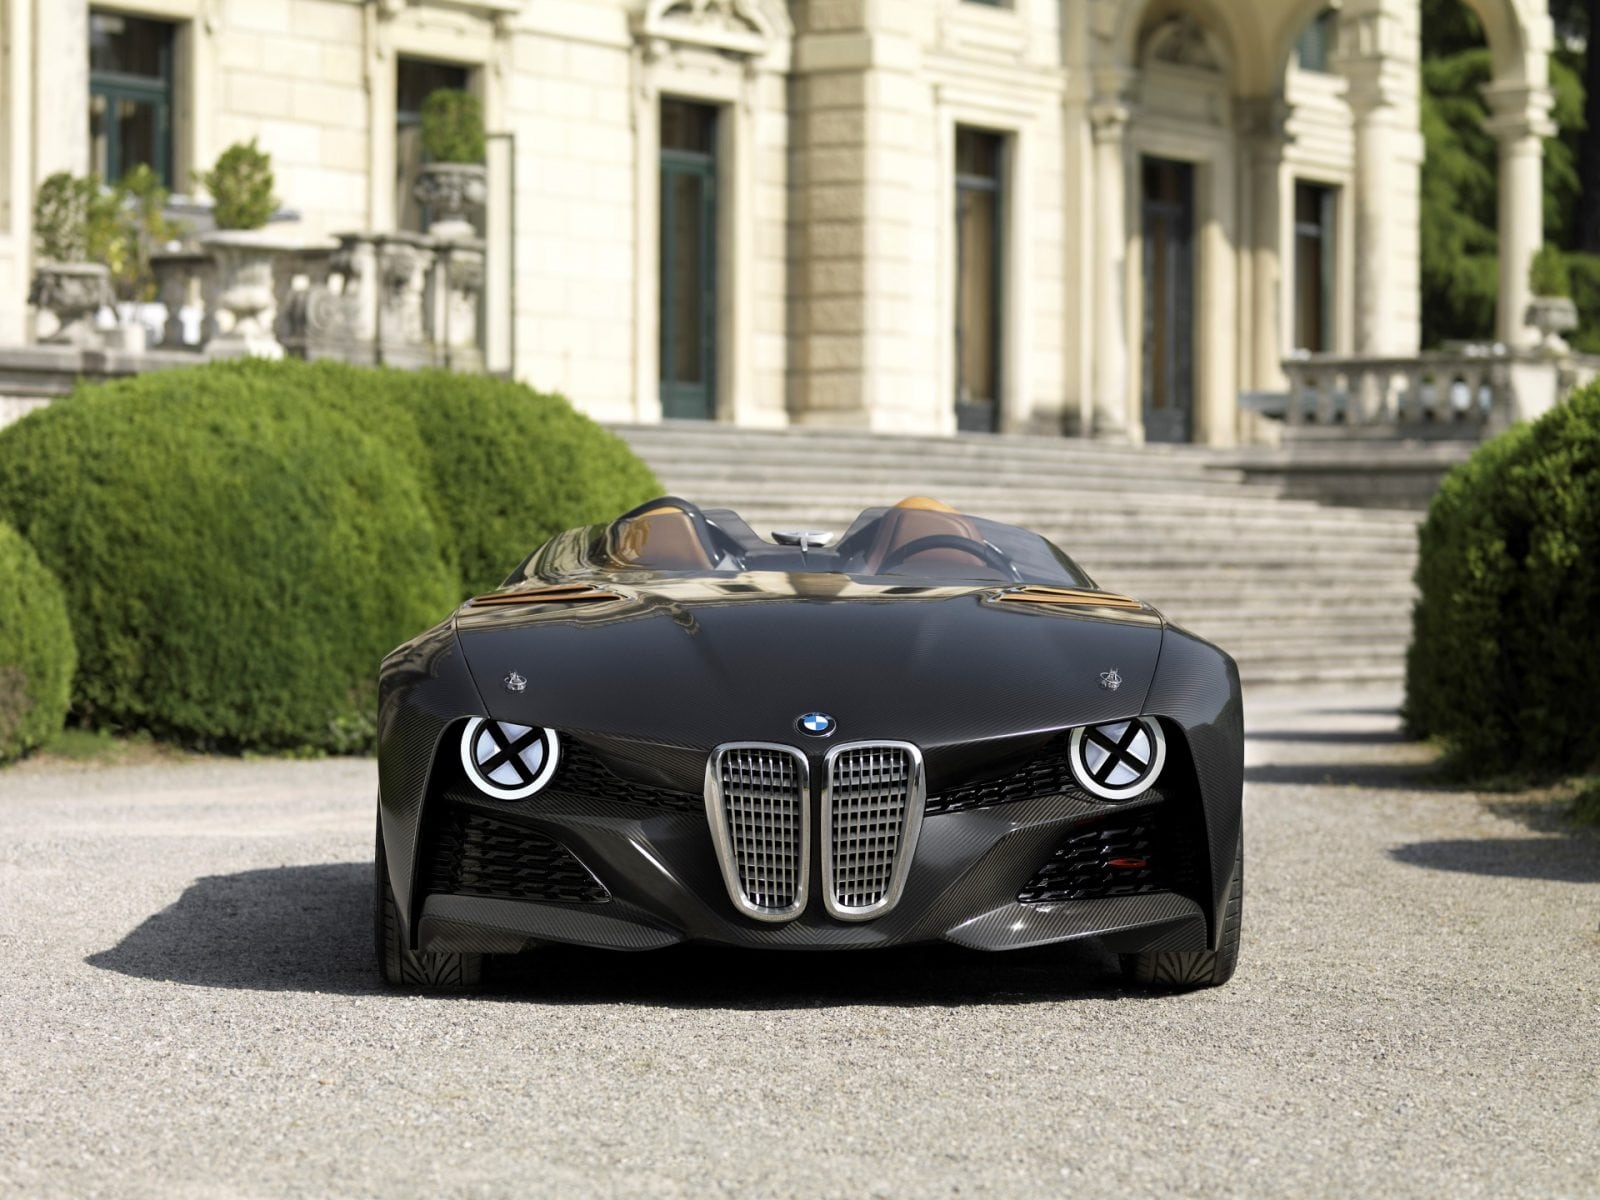 Особенностями BMW 328 Hommage являются карбоновый кузов и ассиметричное лобовое стекло: дань памяти одному из 25 лучших автомобилей прошлого столетия, BMW 328 1936 года.